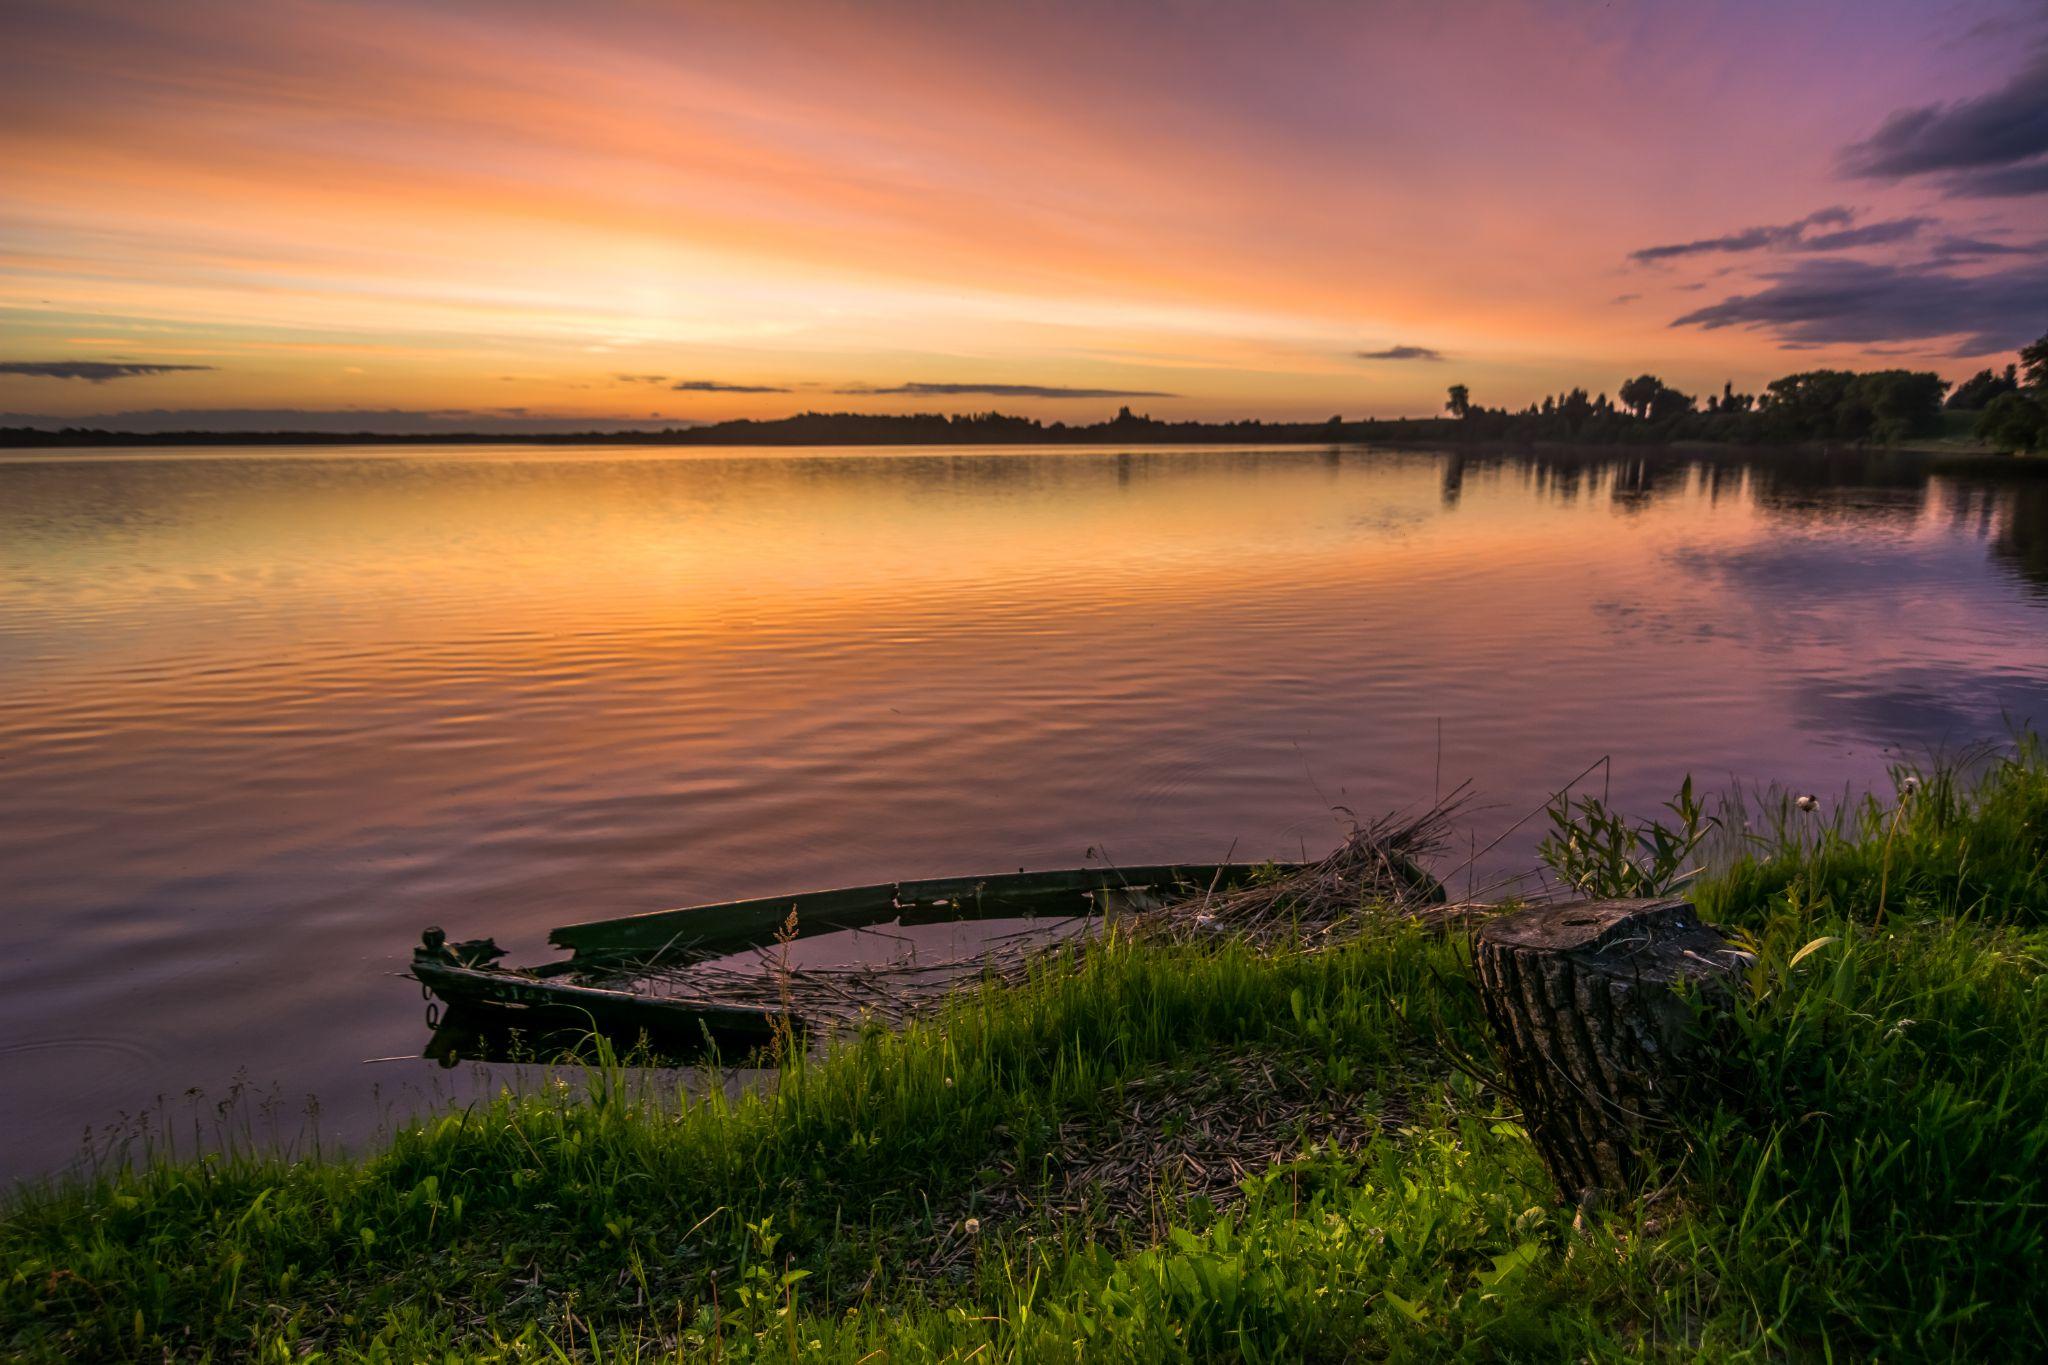 Sunset by Algirdas Motiejunas